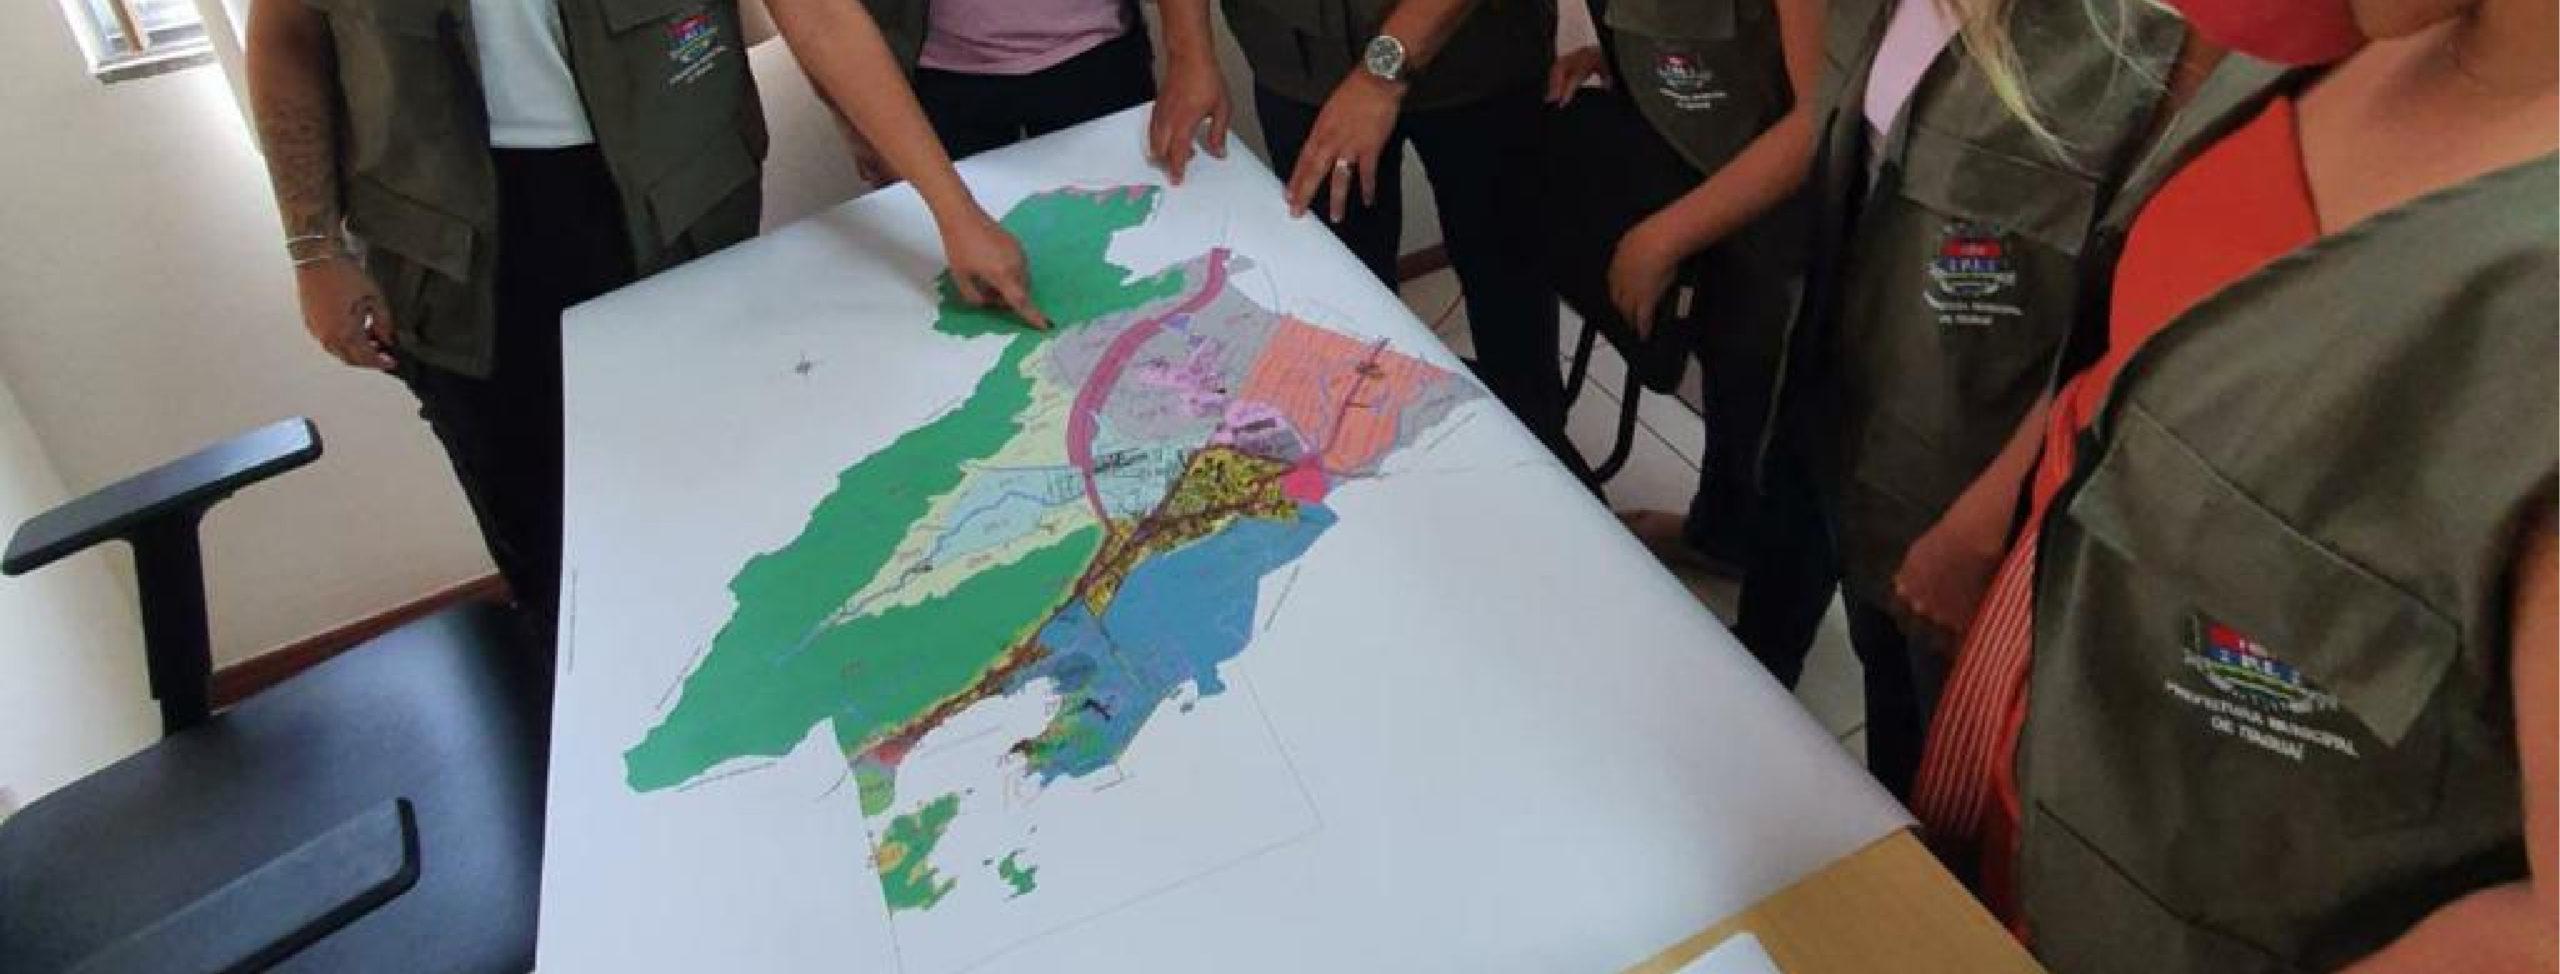 Prefeitura de Itaguaí inicia planejamento para revitalizar áreas verdes e áreas de proteção ambiental